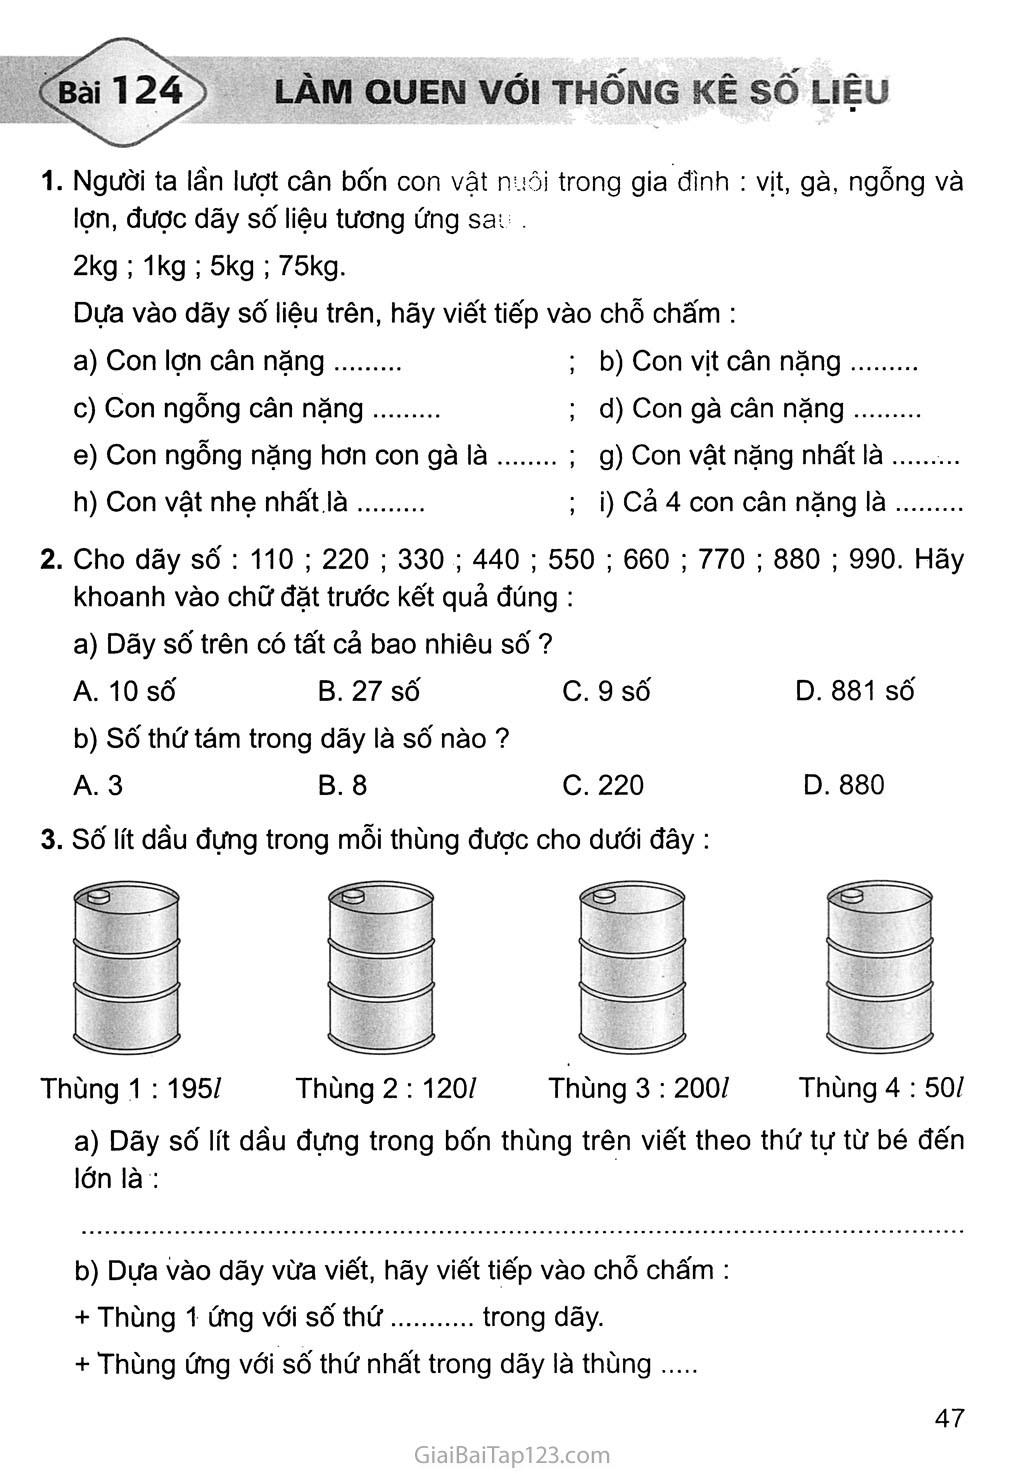 Bài 124: Làm quen với thống kê số liệu trang 1